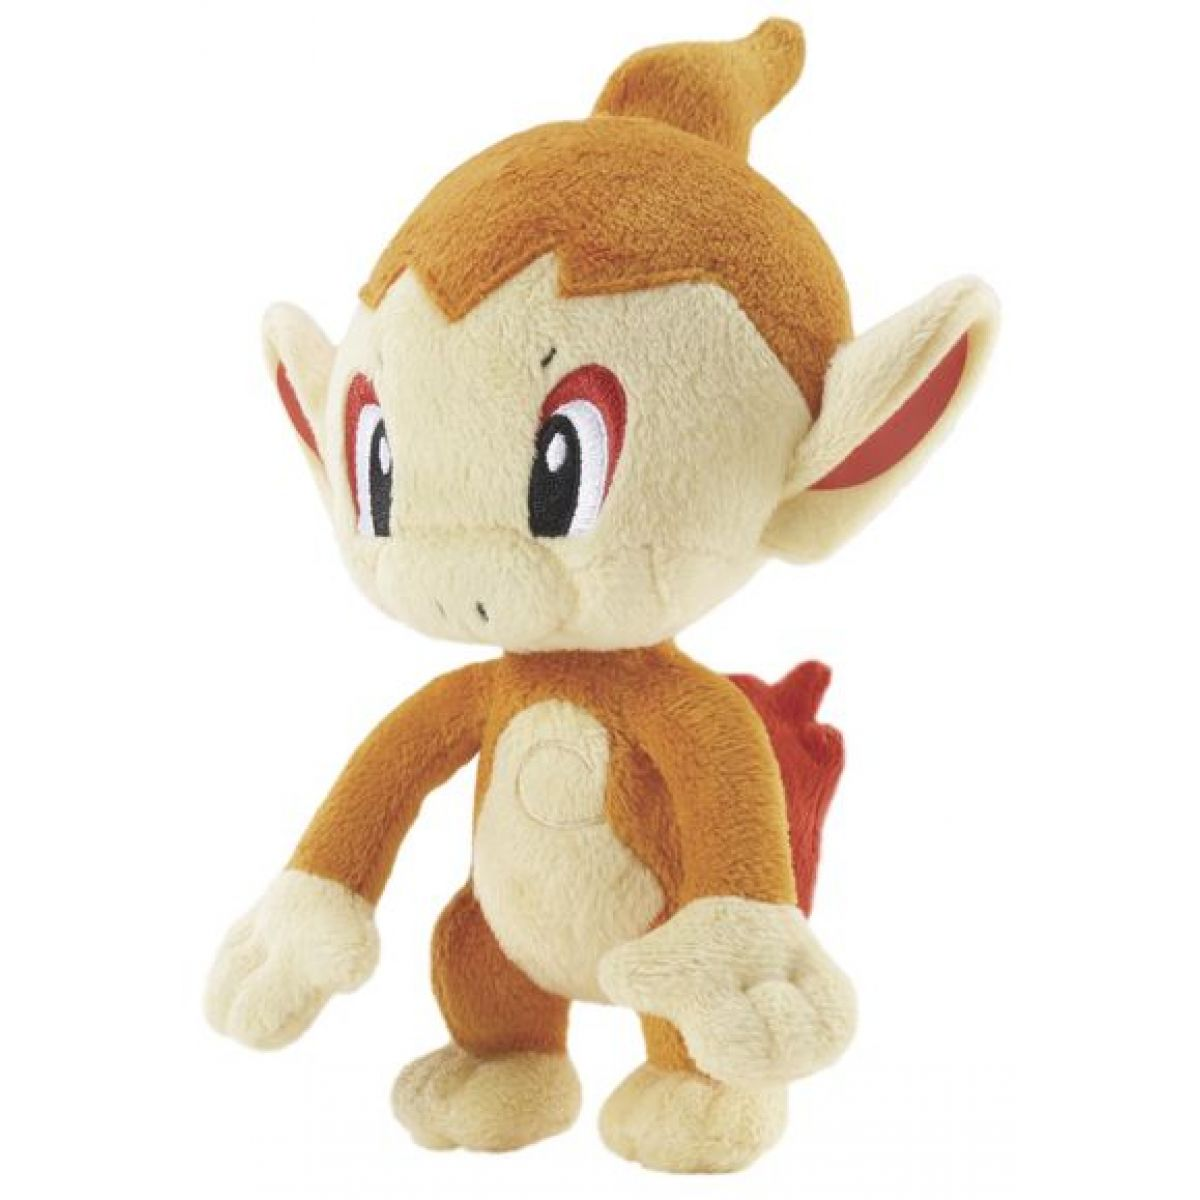 Pokémon Plyšová postavička - Chimchar